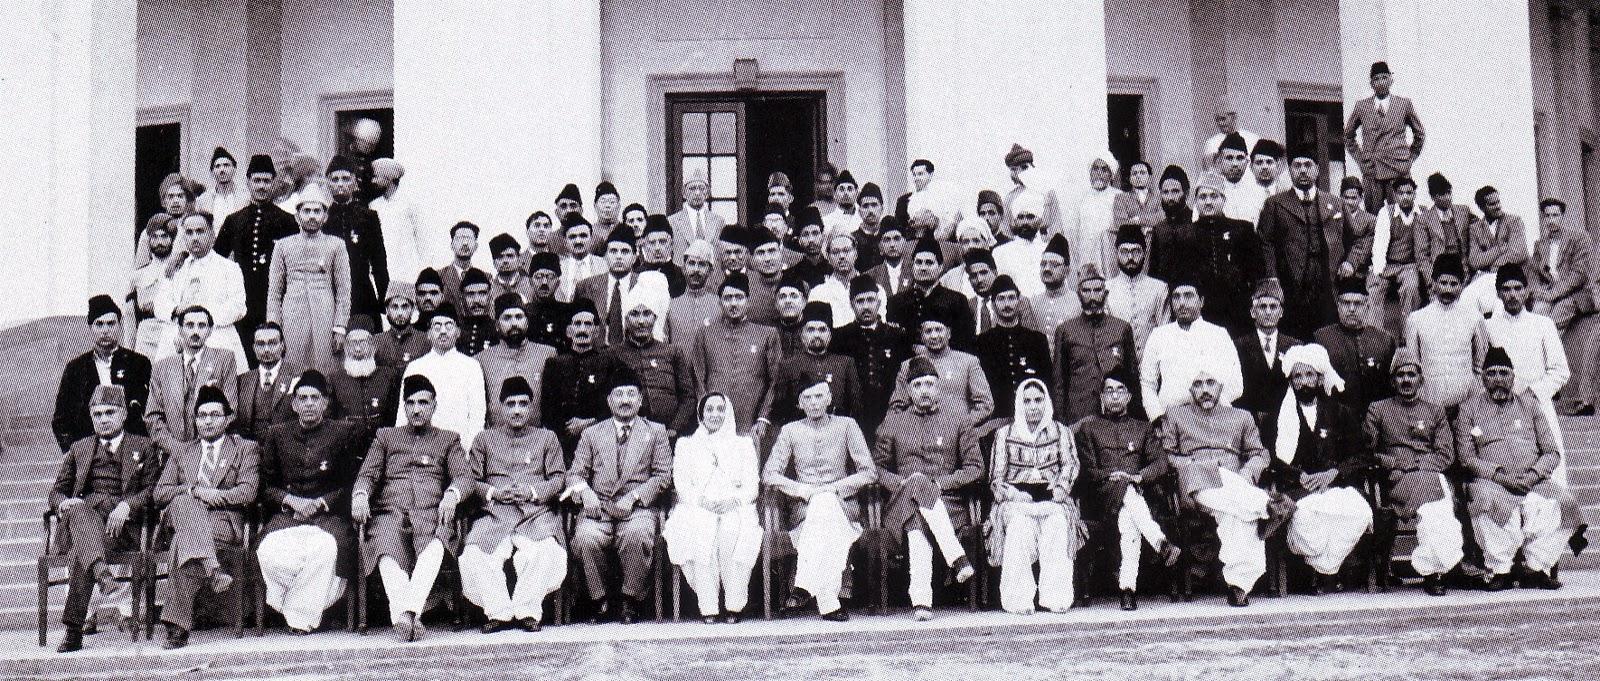 tehreek e khilafat 1919 in urdu Tag: khilafat movement 1919 in urdu india khilafat movement  tehreek e khilafat movement in english, tehreek e khilafat movement in urdu, tehrik e khilafat movement, what is a khilafat.